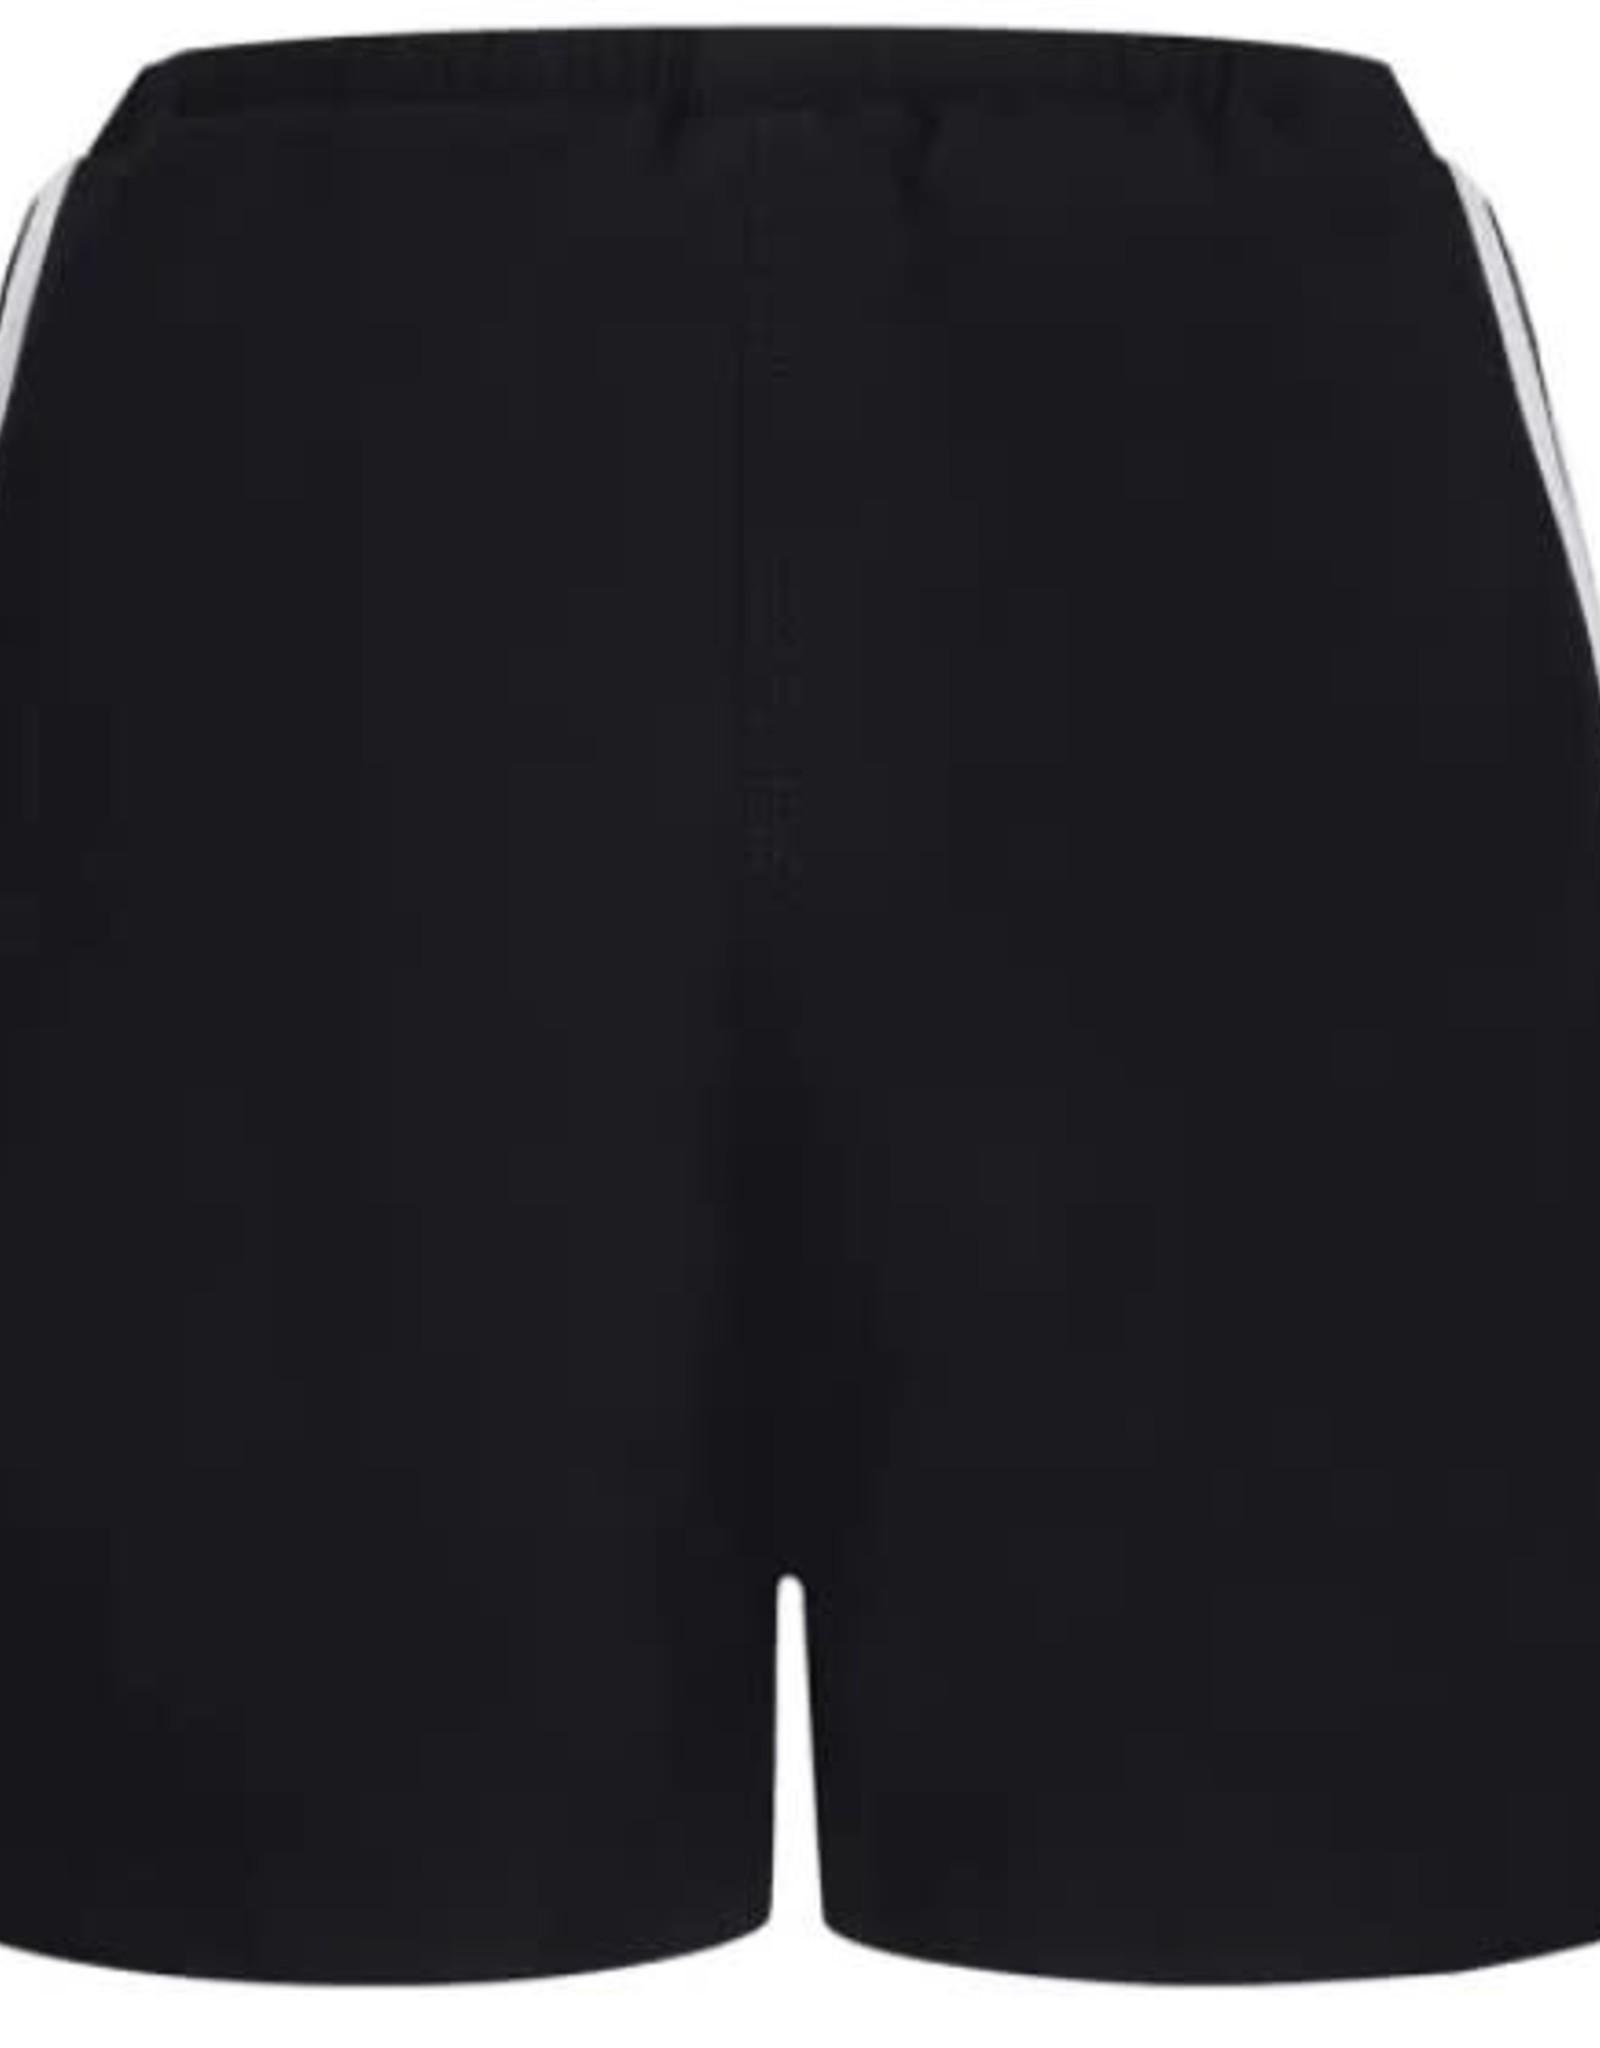 Penn & Ink N.Y. Shorts indigo